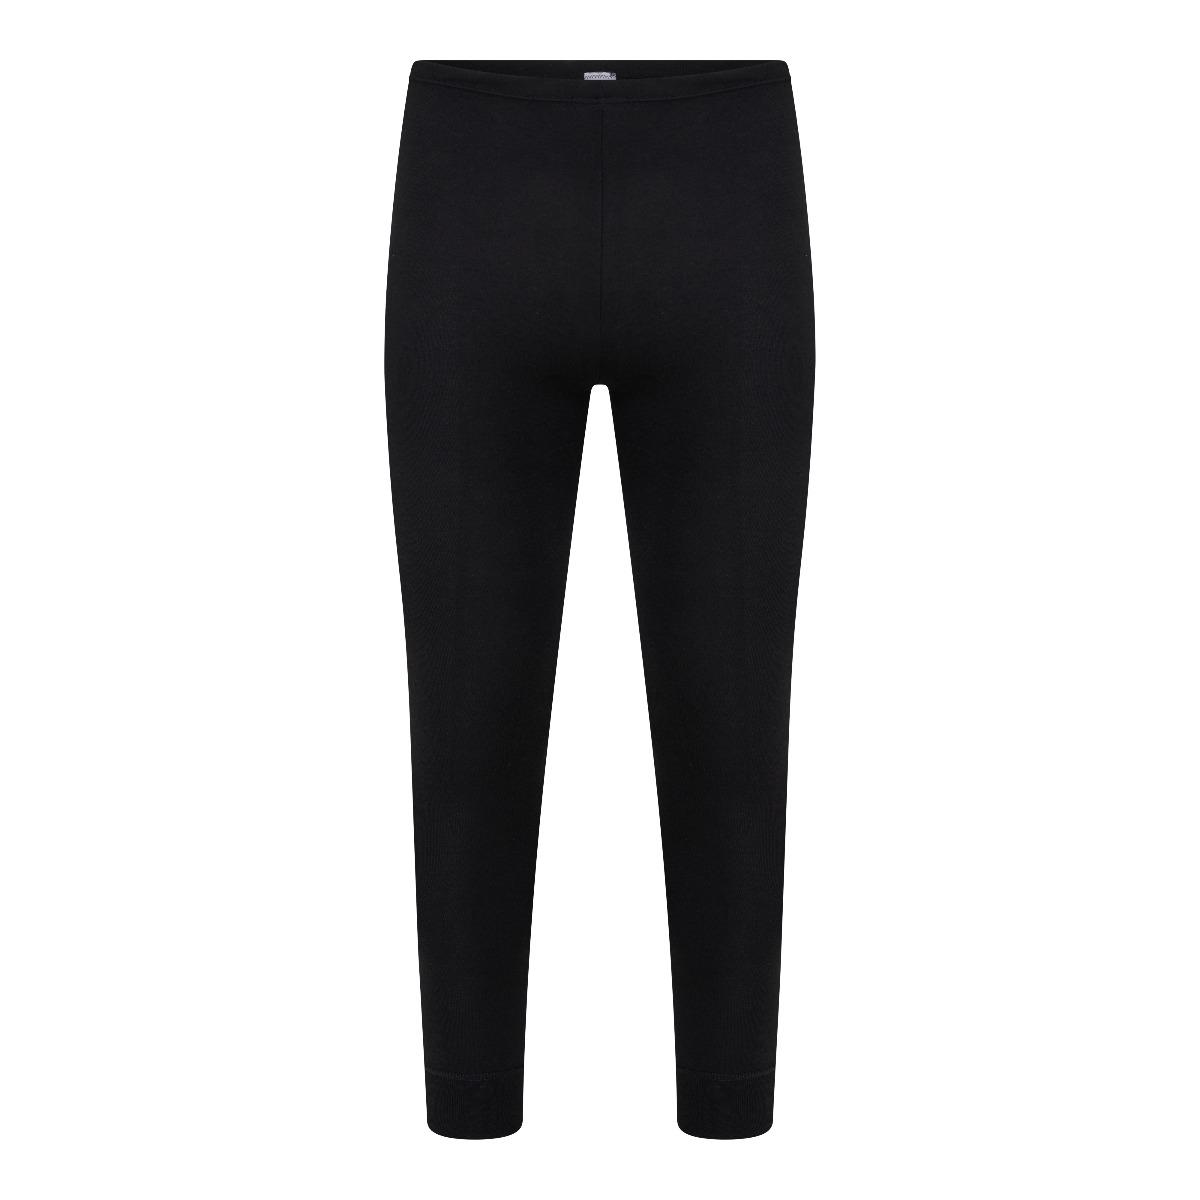 Beeren Thermo Unisex Pantalon Zwart Xxl